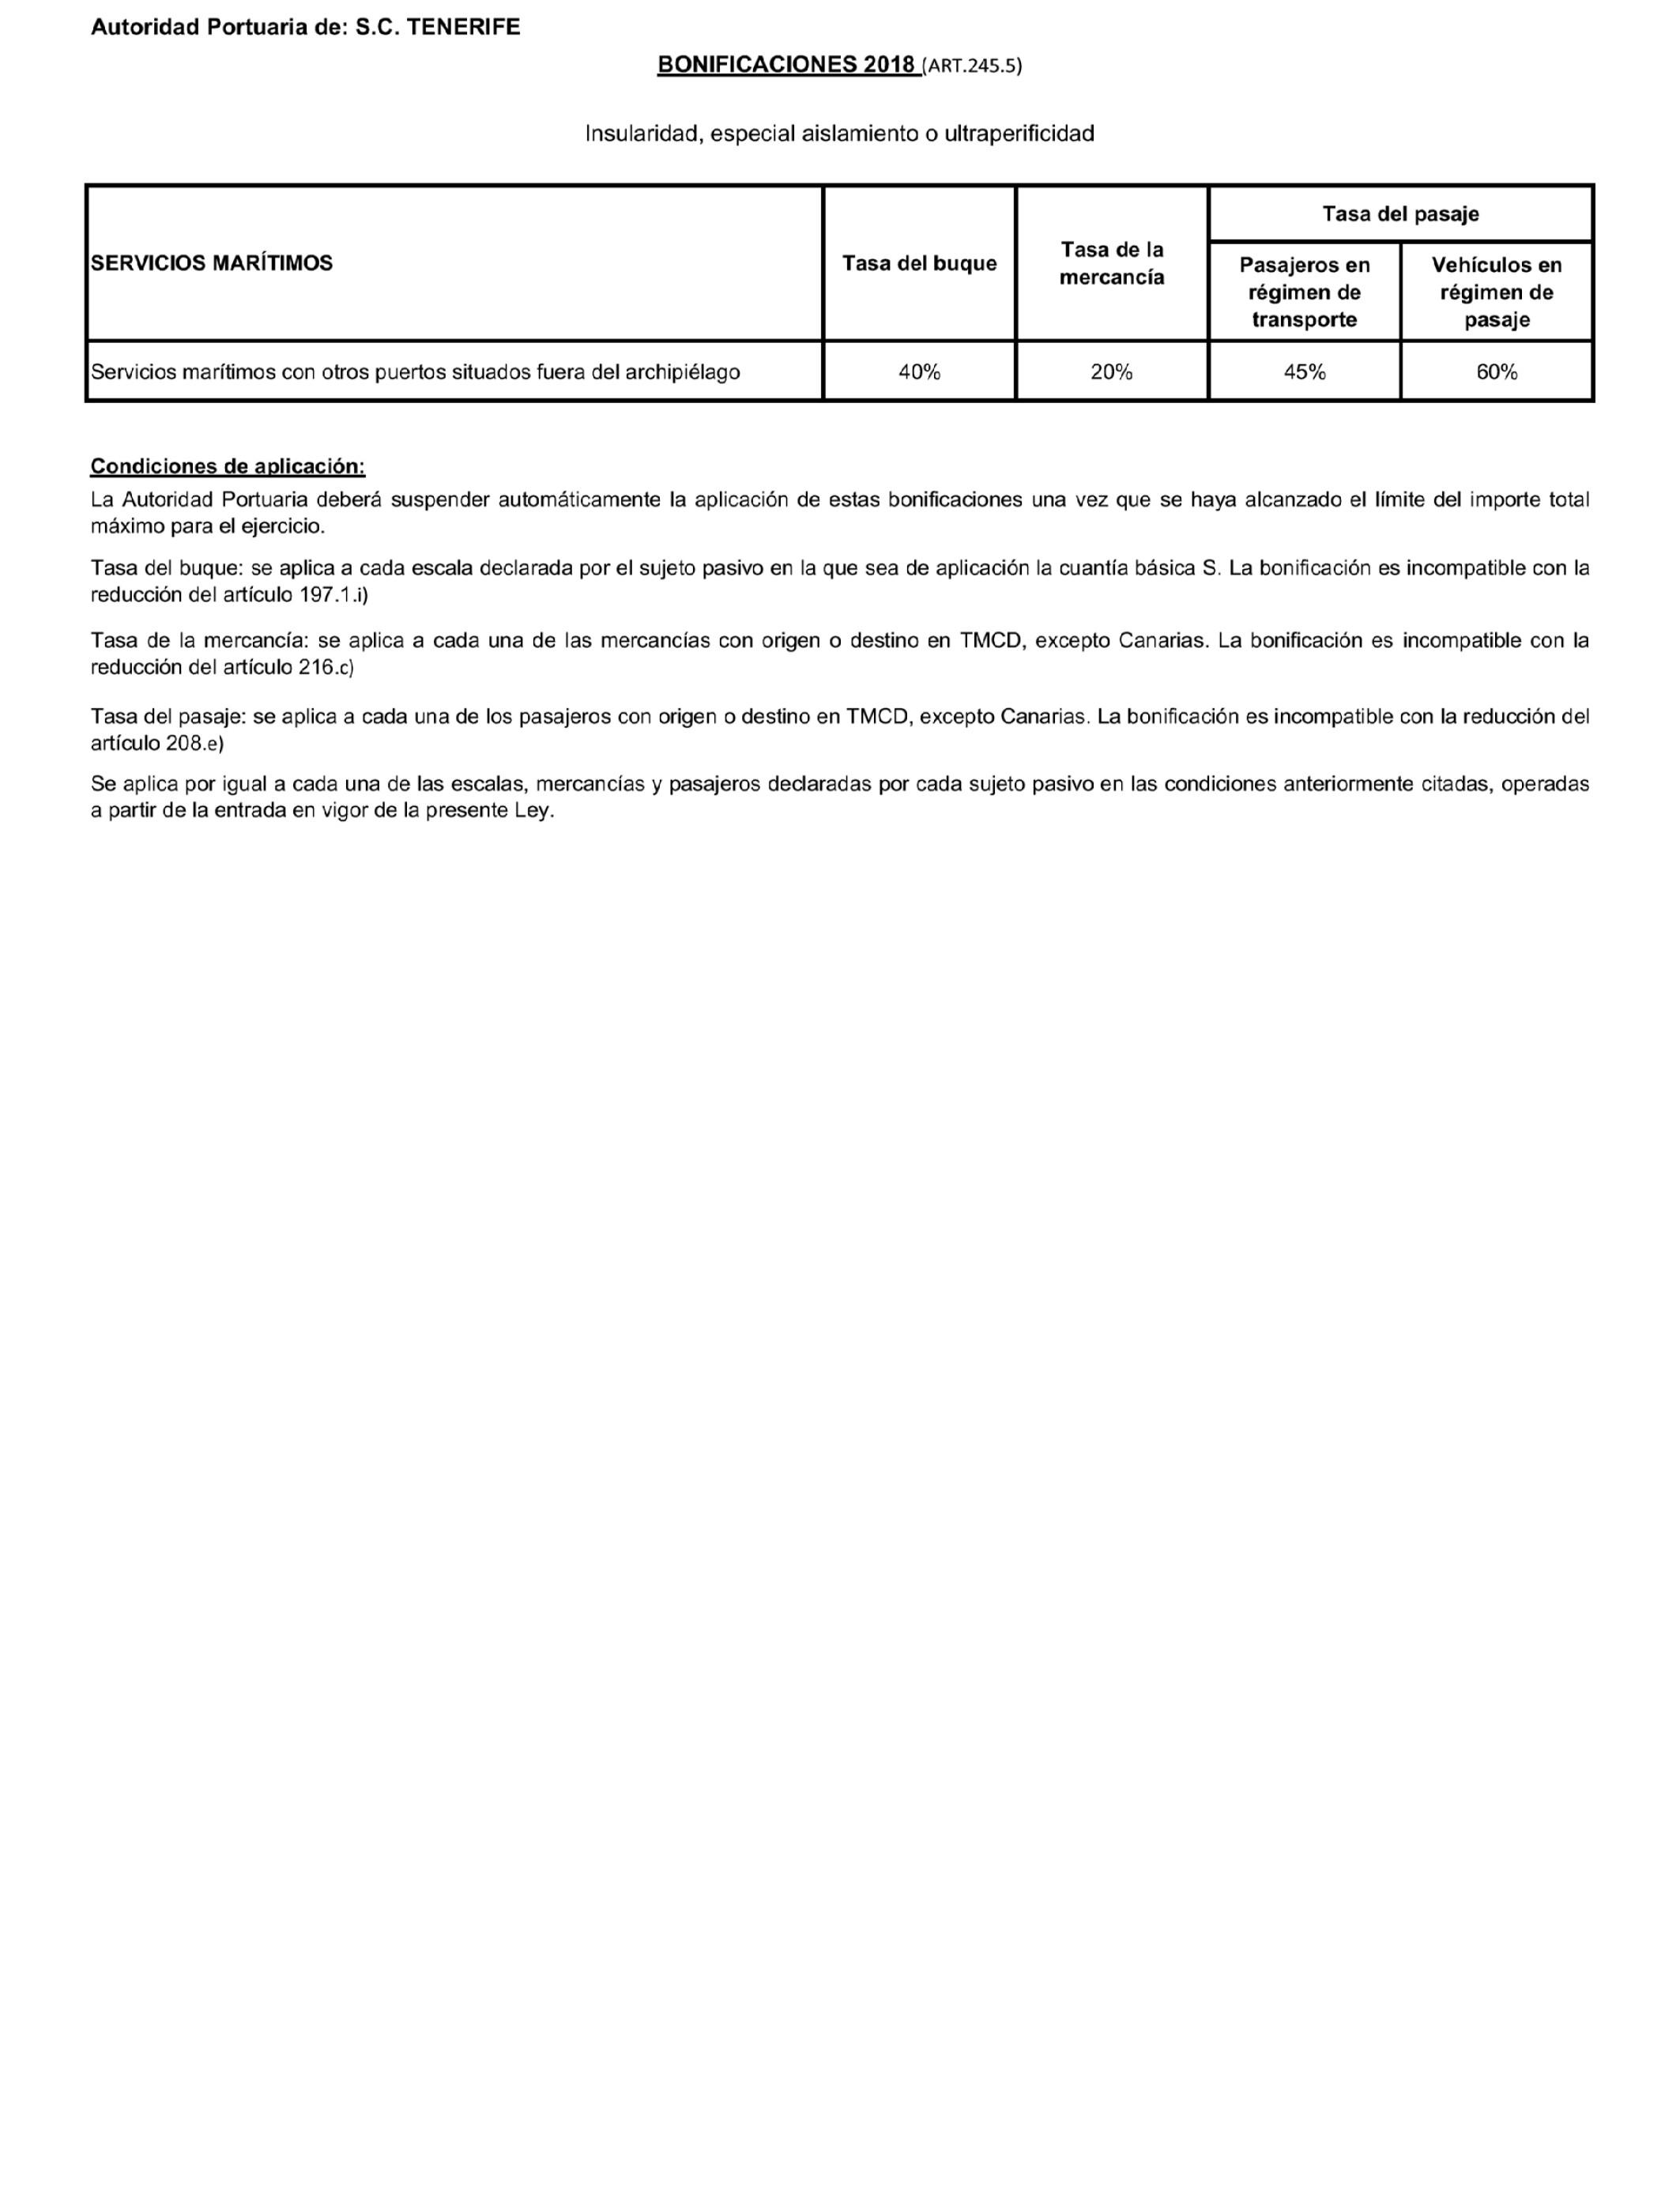 Calendario 2020 Festivos Galicia Actual Boe Documento Consolidado Boe A 2018 9268 Of Calendario 2020 Festivos Galicia Más Populares Los Turistores Kunas Antropologa Del Turismo Tnico En Panam